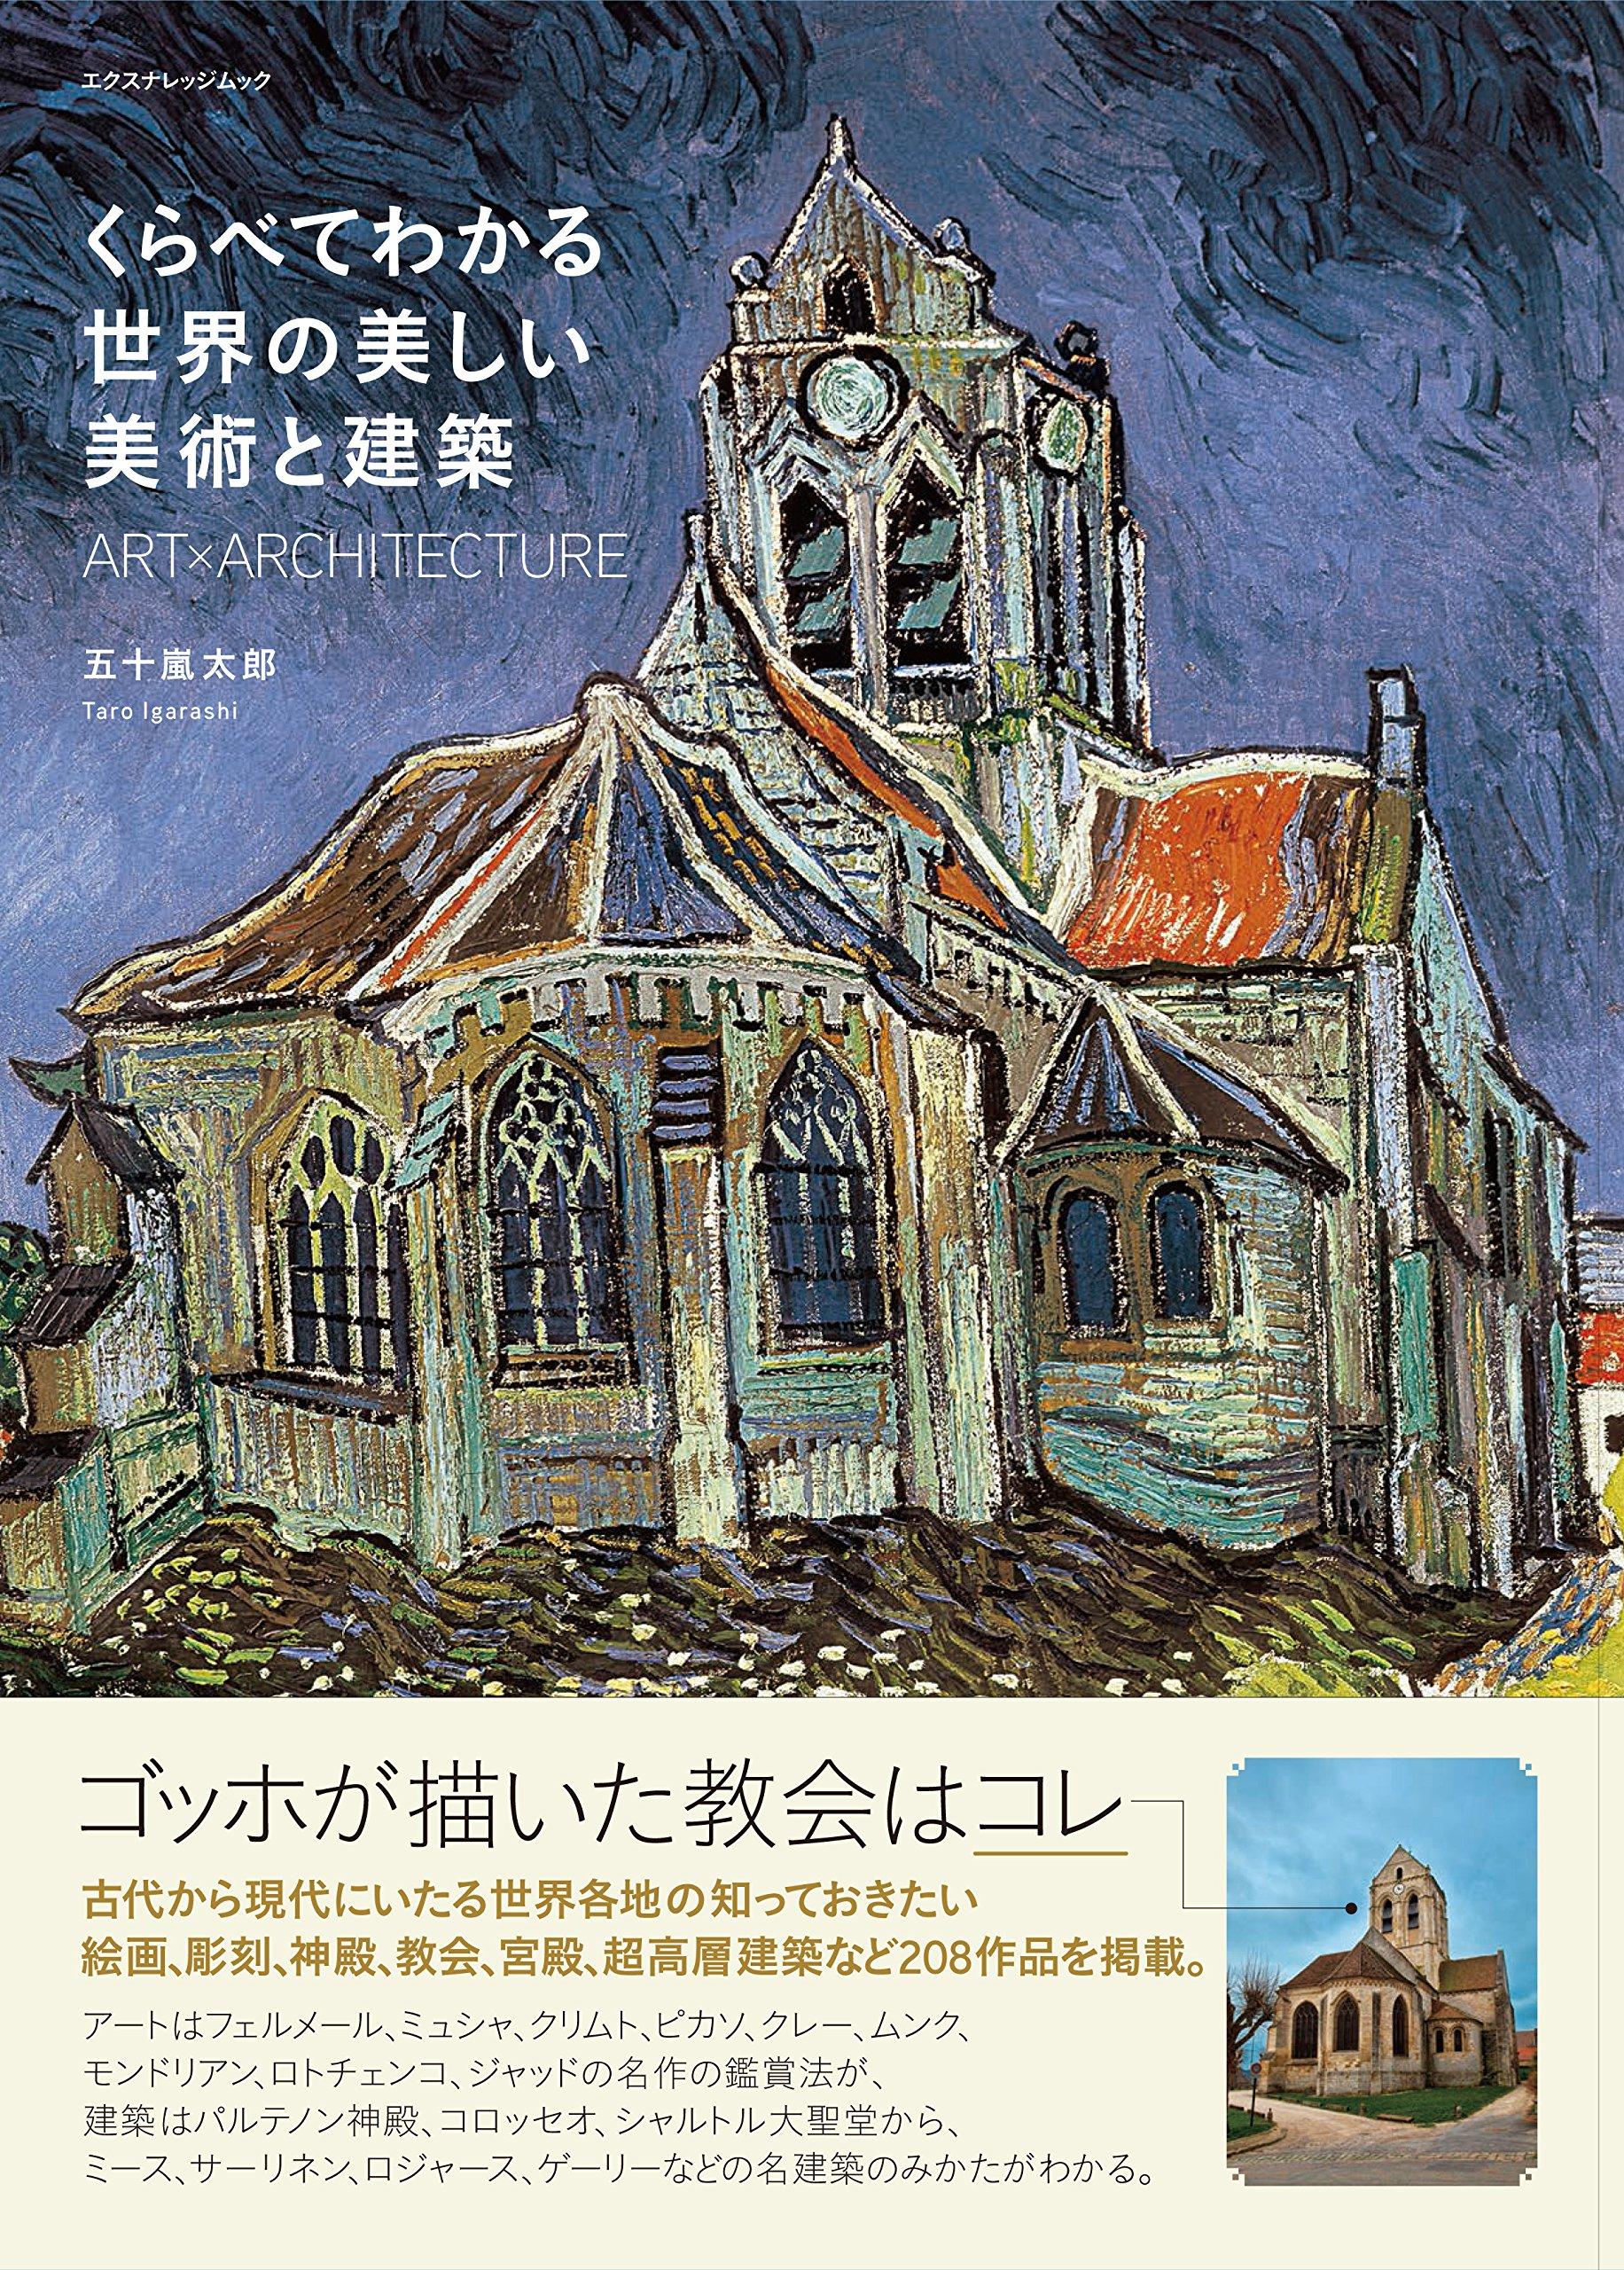 Article: ムック「くらべてわかる世界の美しい美術と建築」 作品掲載